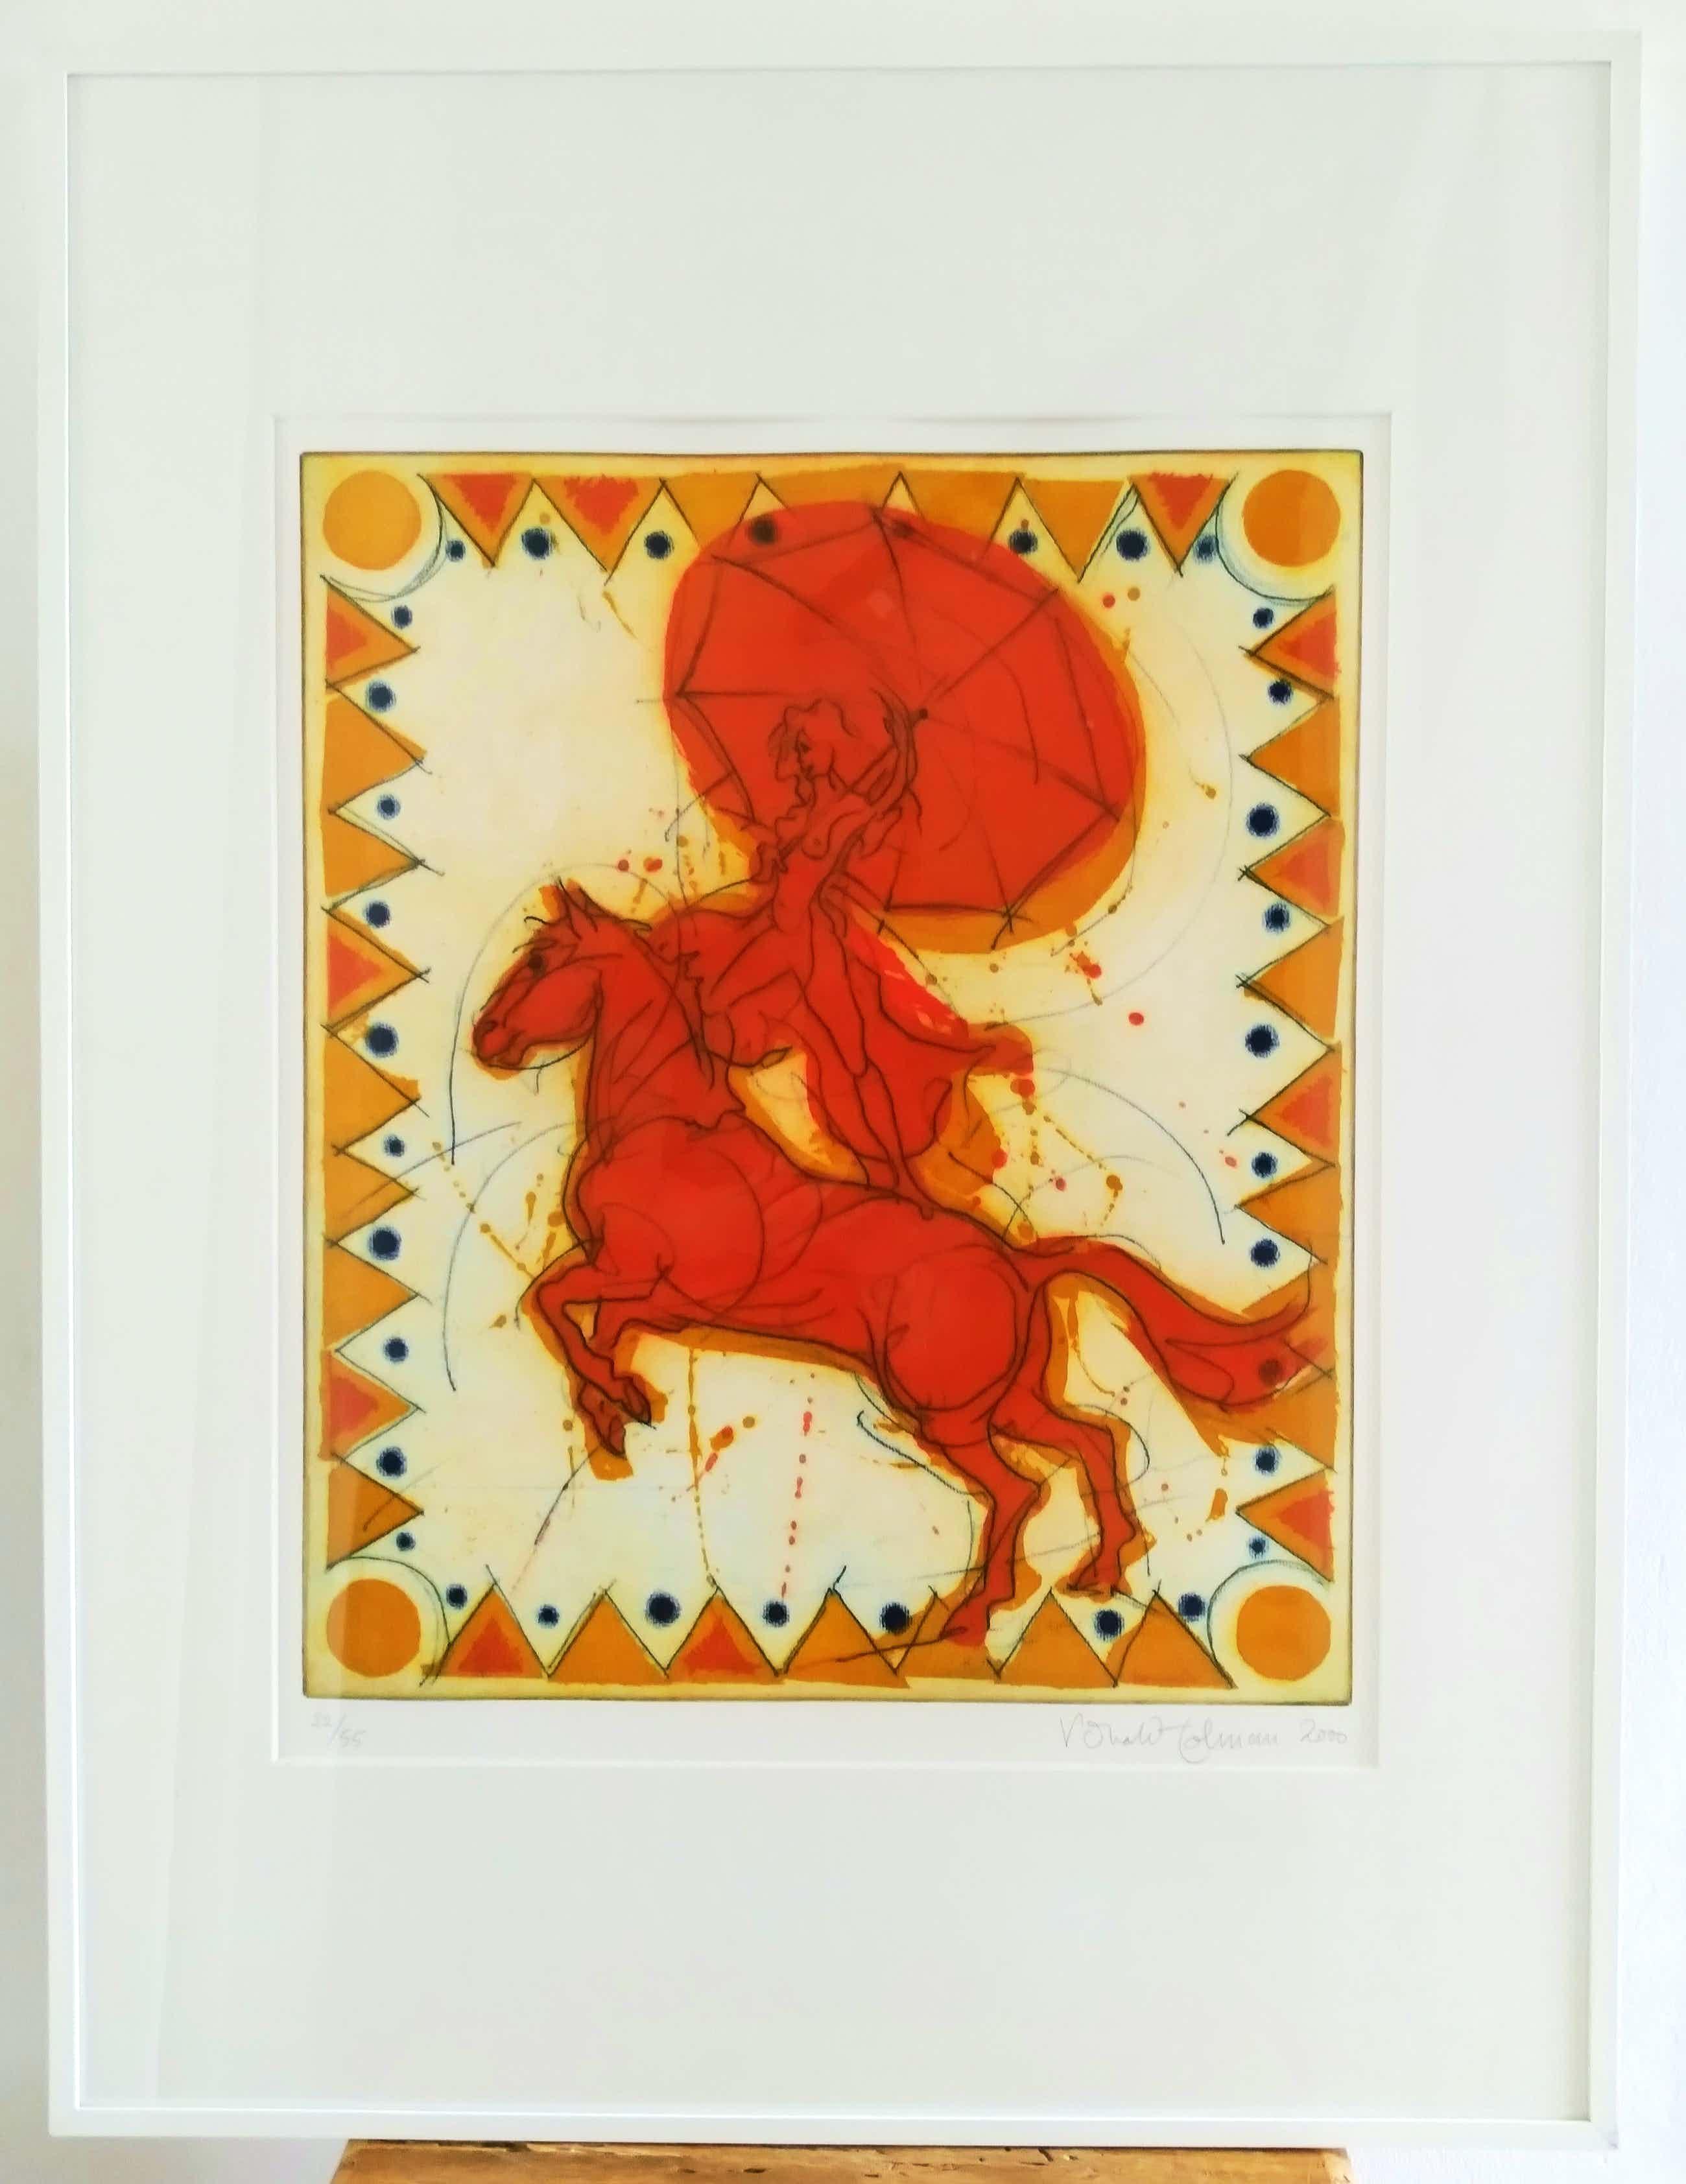 Ronald Tolman - (1948, Amsterdam), bruisende voorstelling in vrolijke kleuren kopen? Bied vanaf 125!